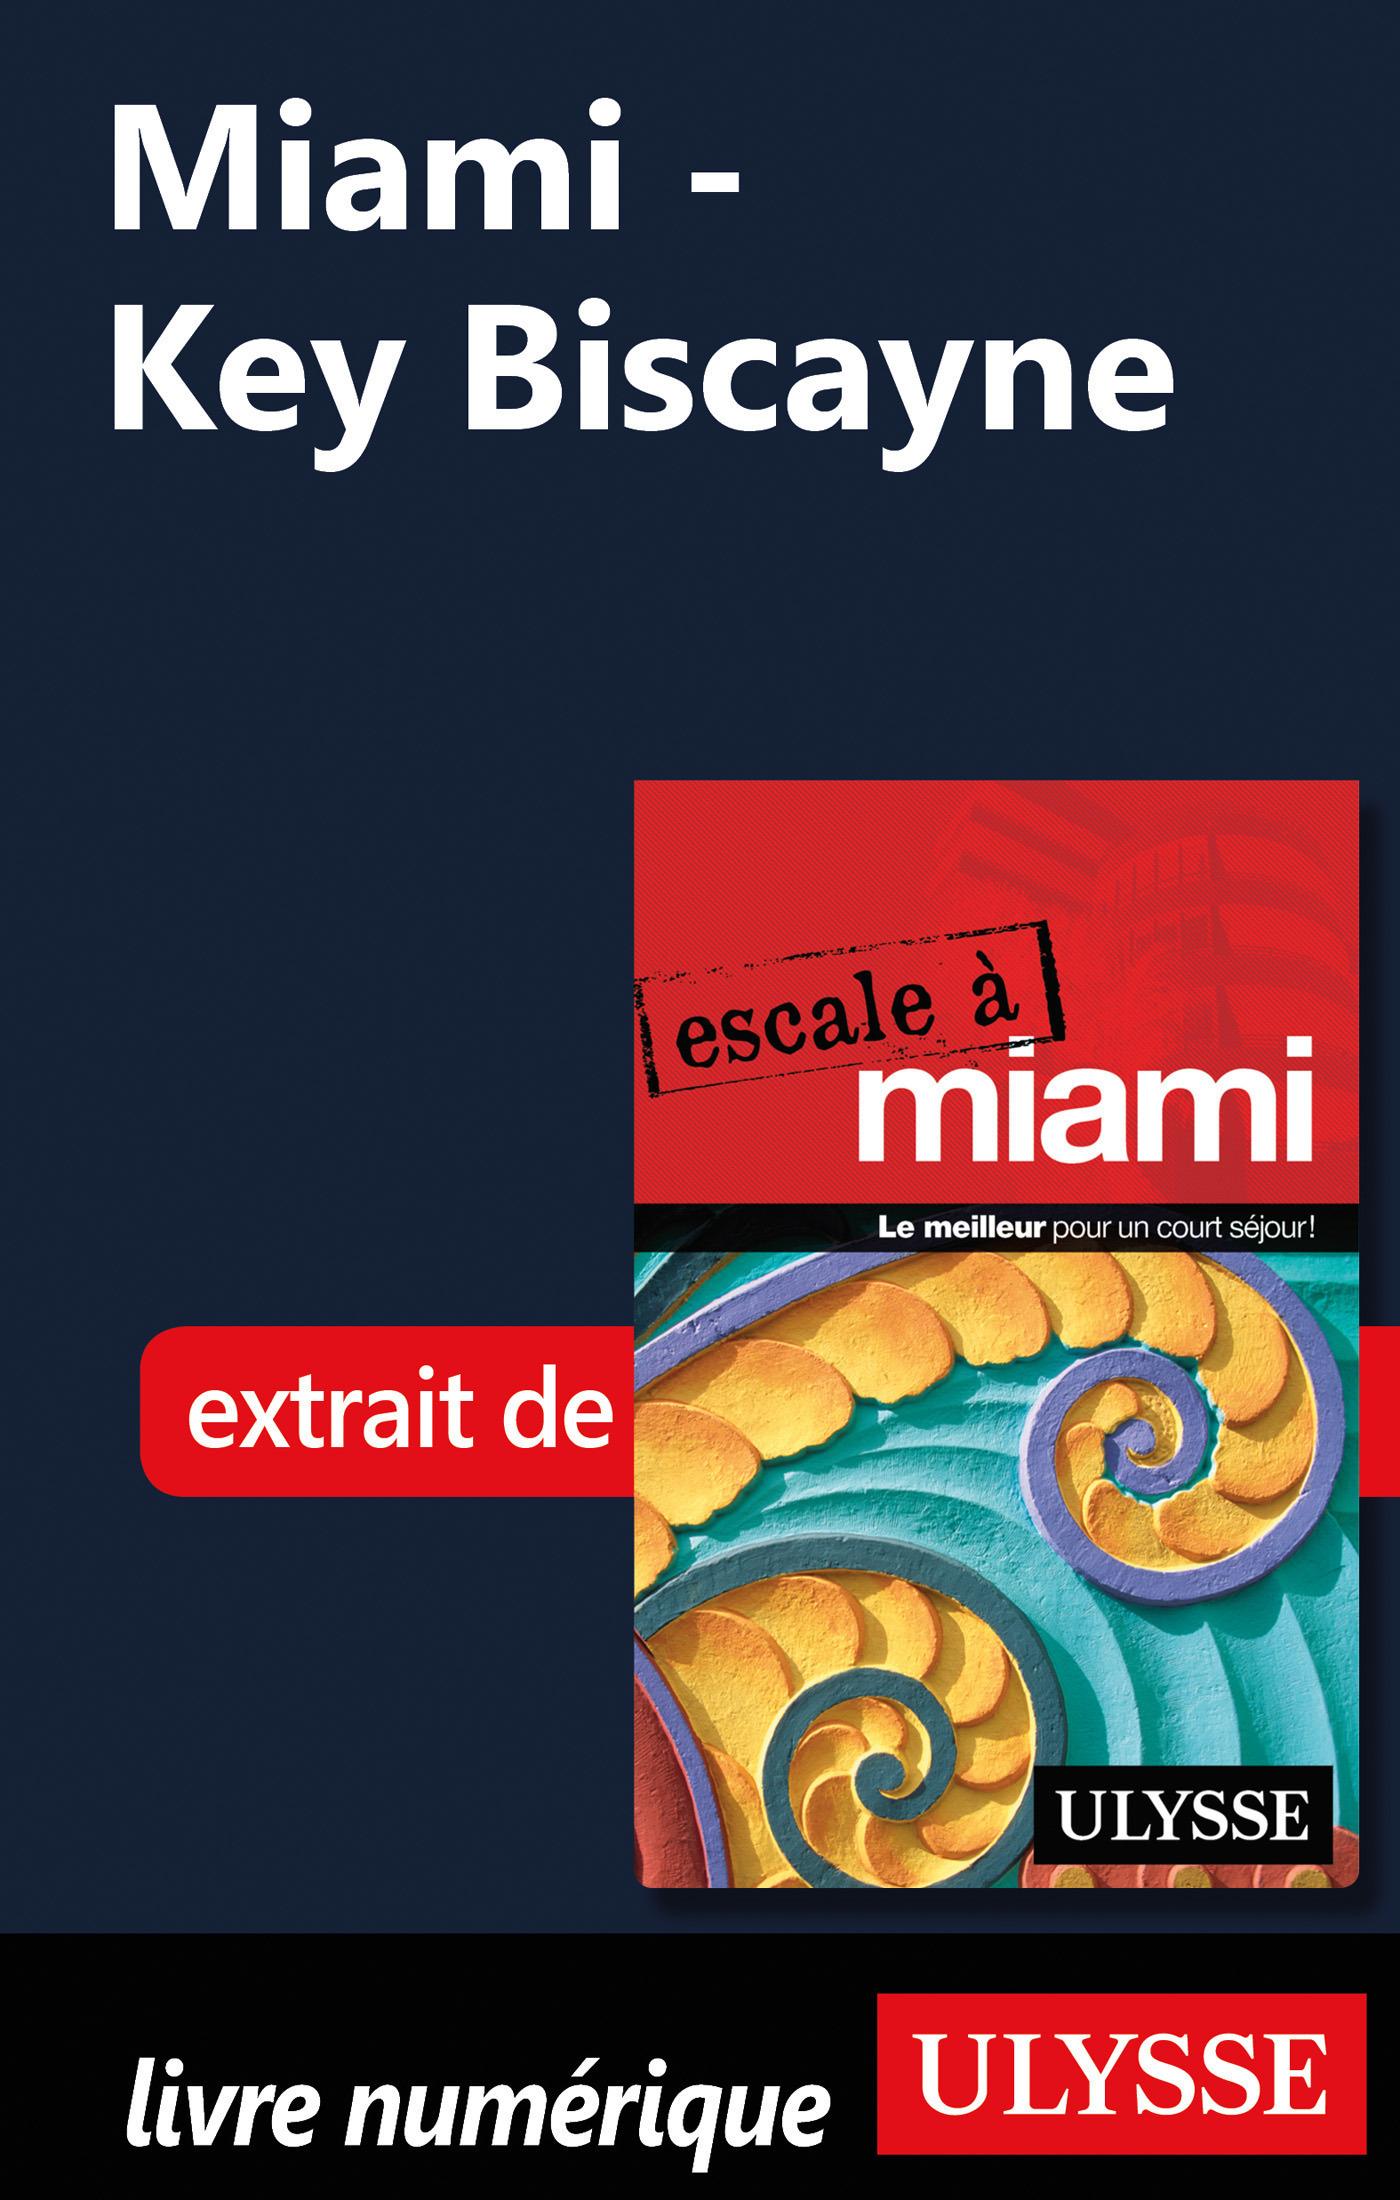 Miami - Key Biscayne